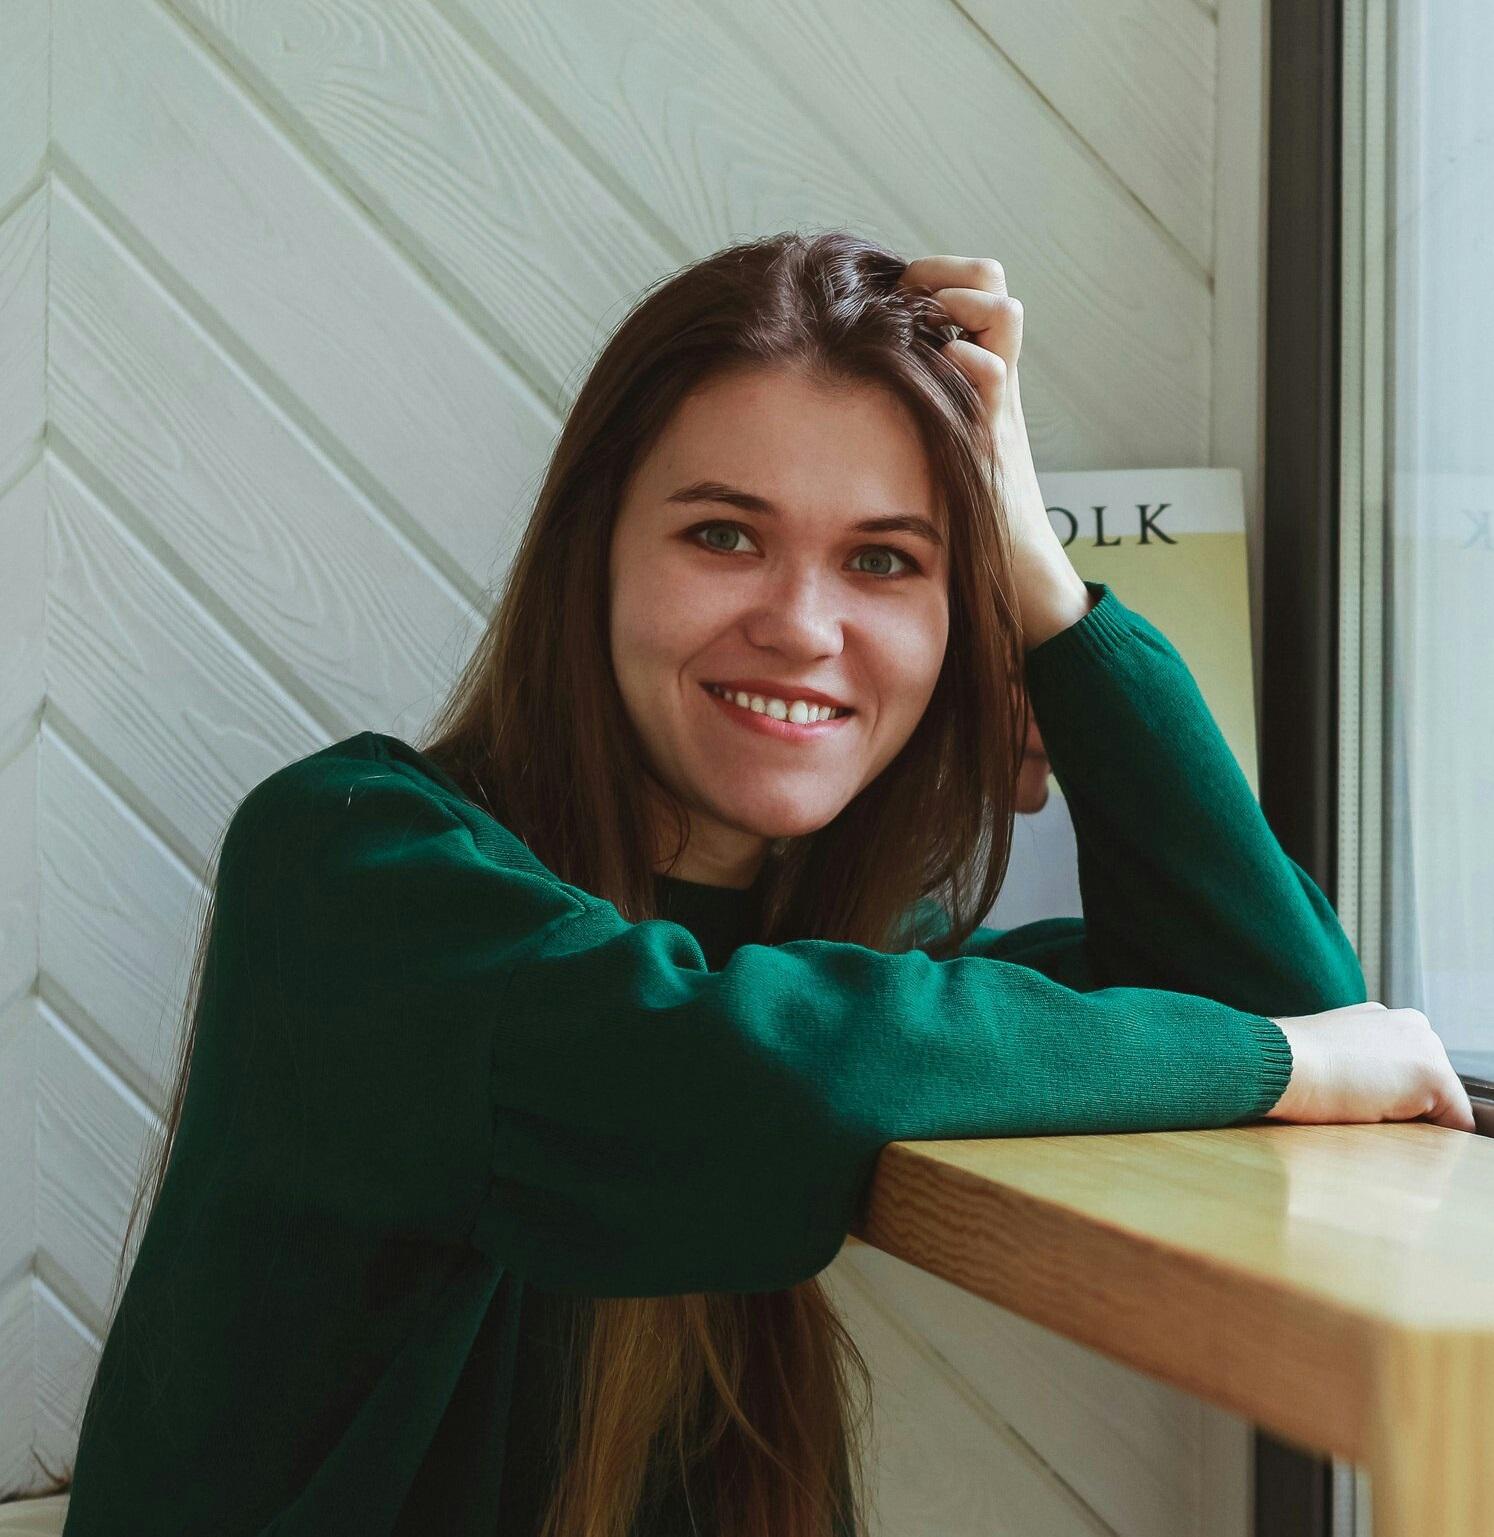 Юлия Зайкова